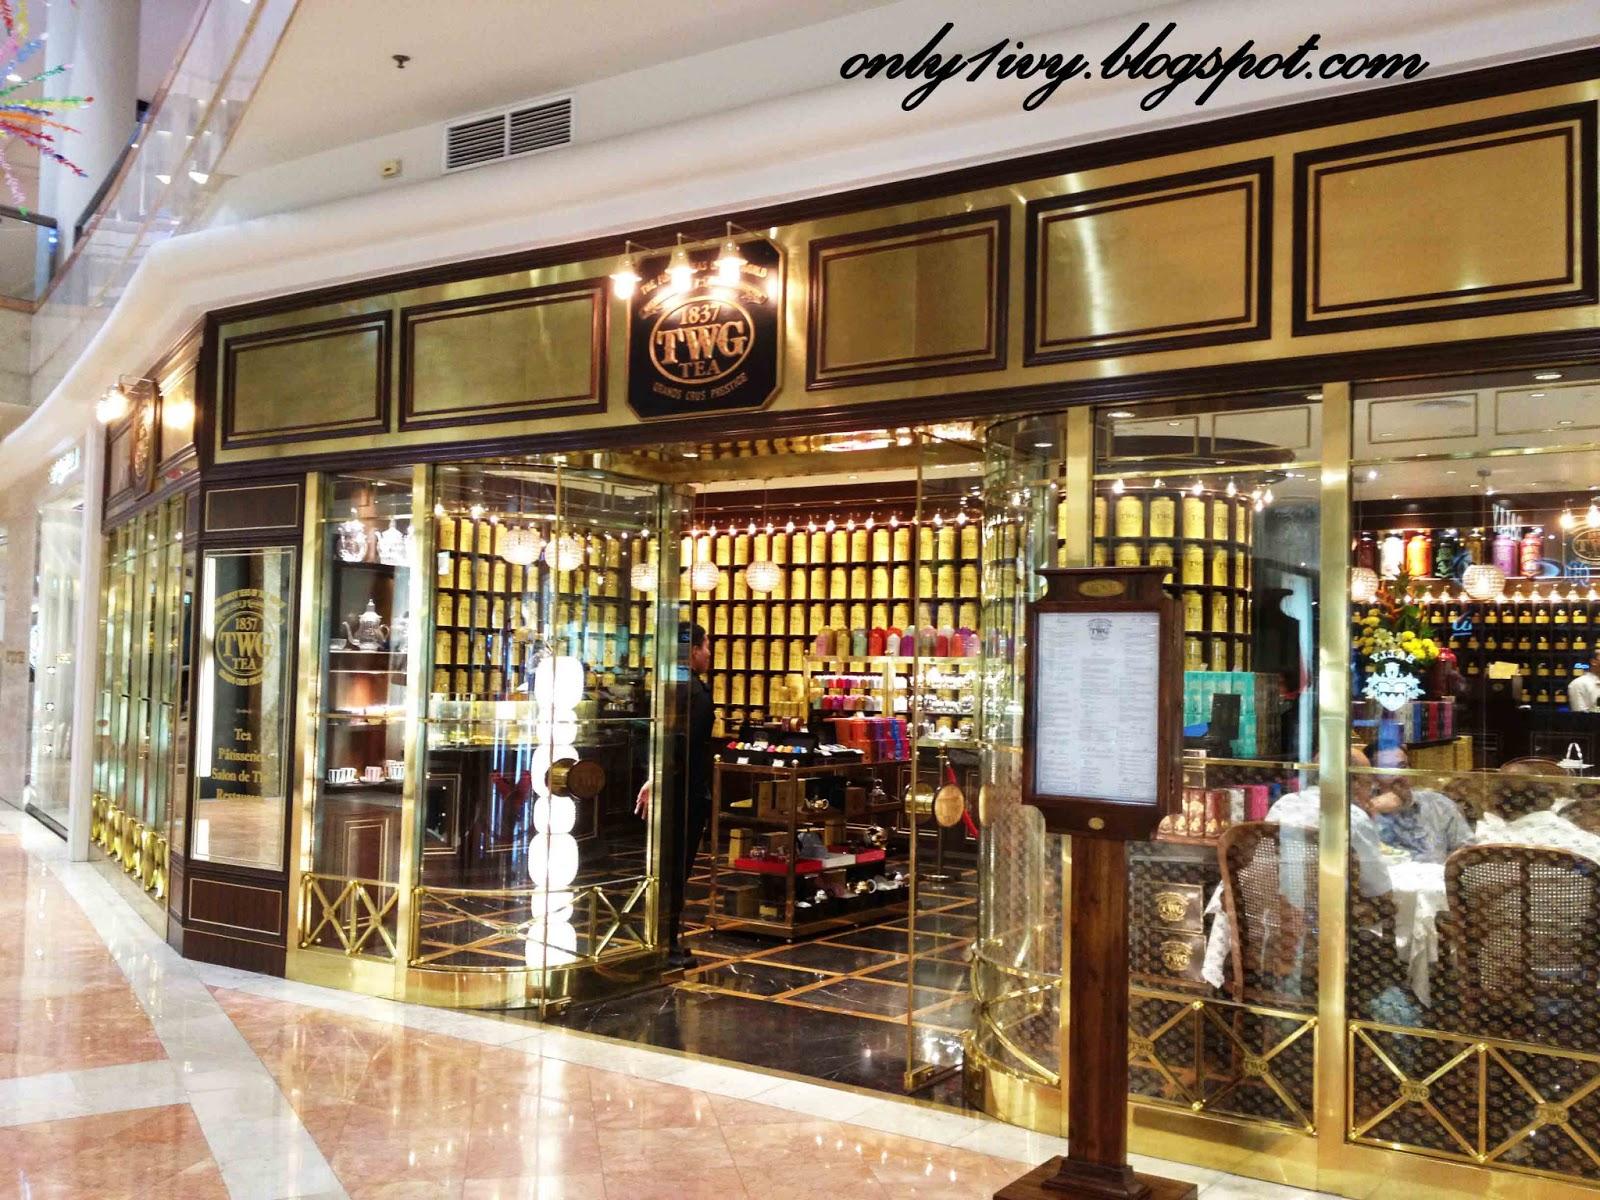 hotels in medan: twg tea salon & boutique